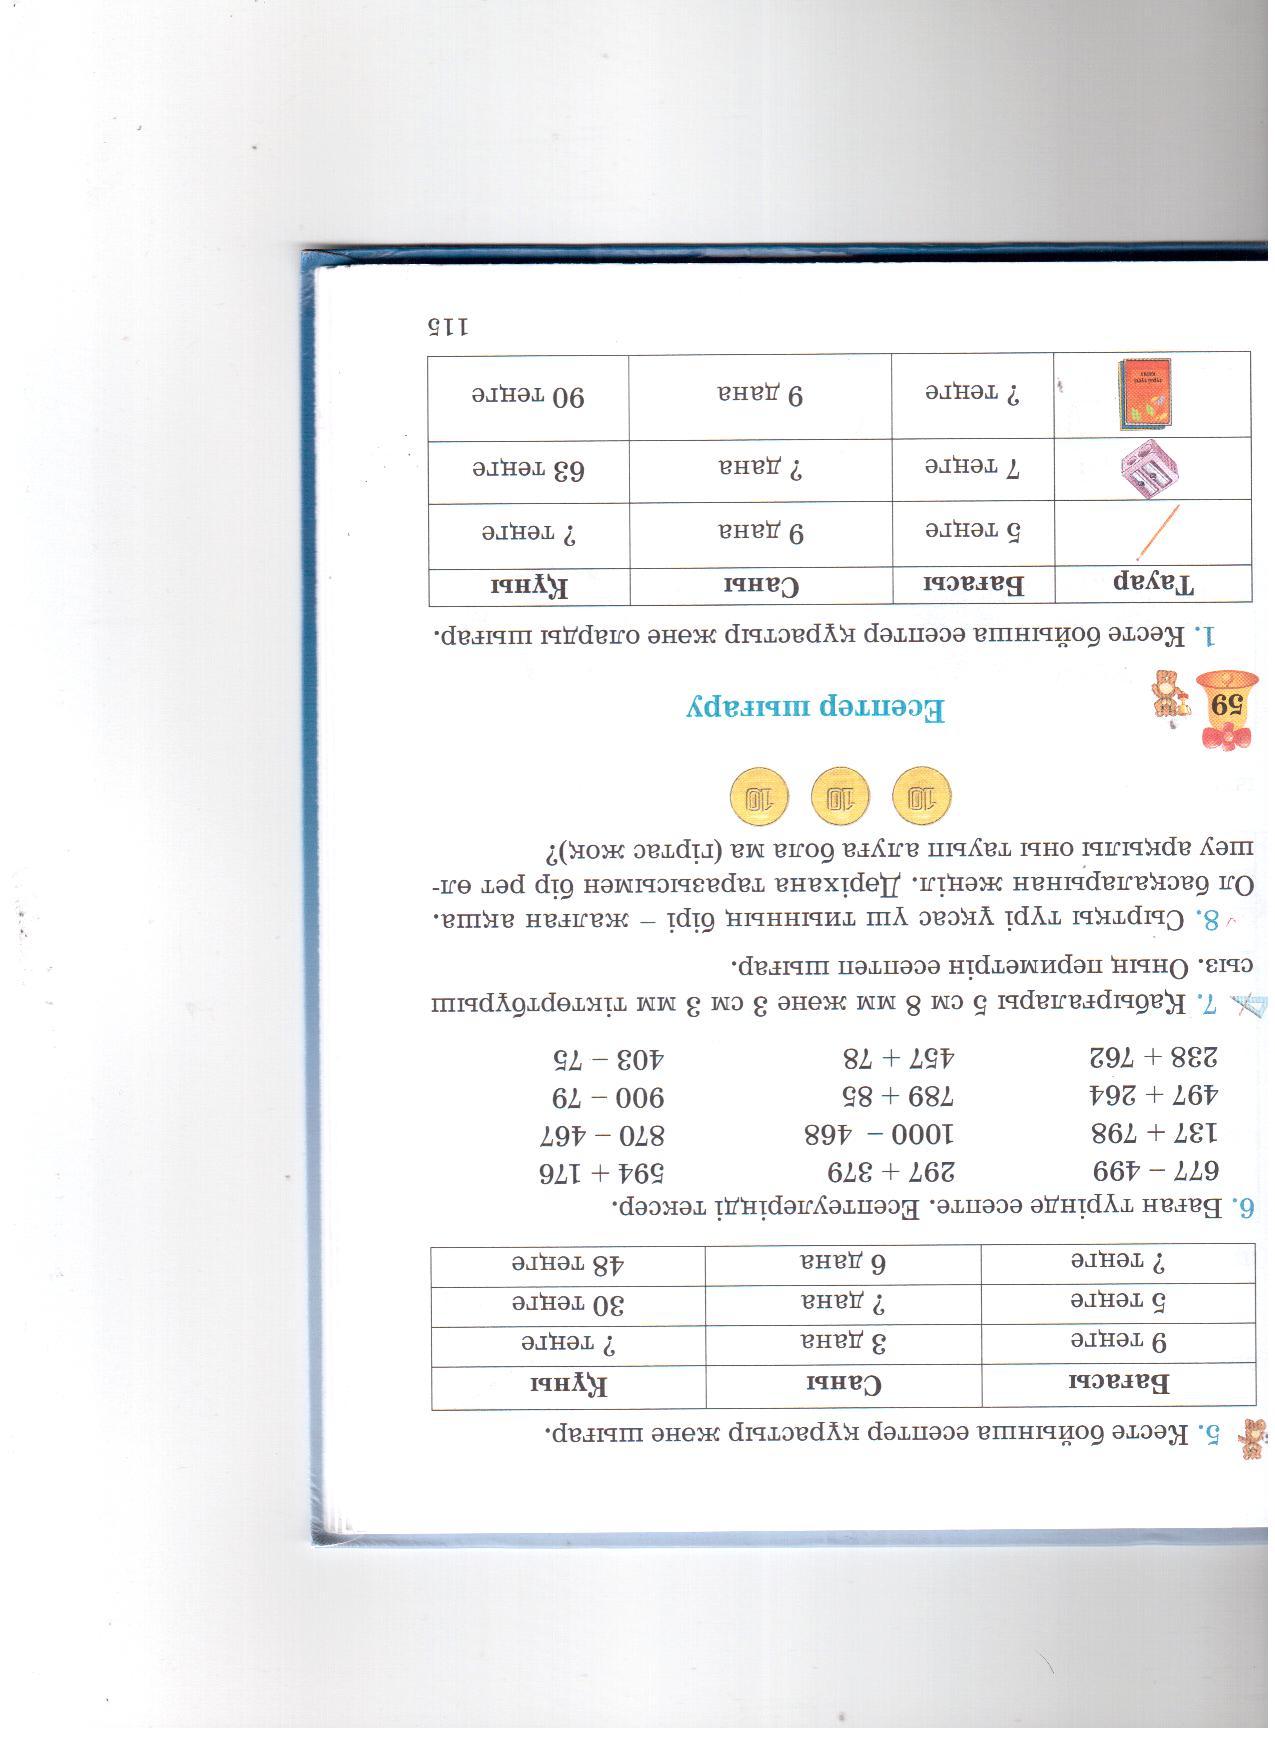 C:\Documents and Settings\Admin\Мои документы\Мои рисунки\Изображение\Изображение 254.jpg